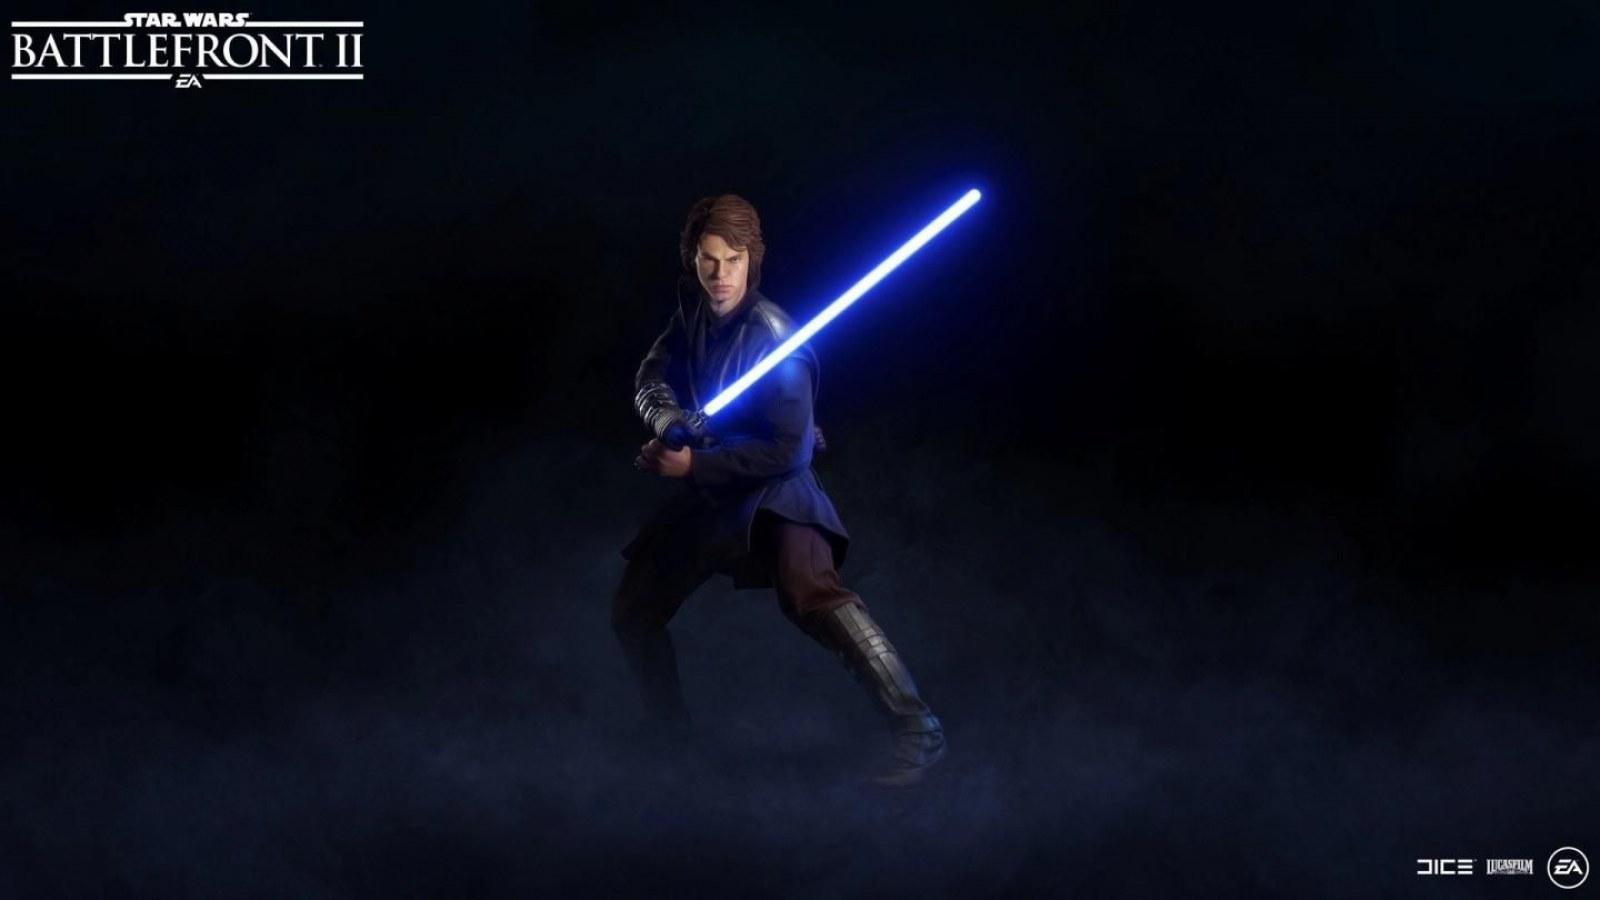 Star Wars Battlefront 2' Chosen One Update 1 26 Adds Anakin